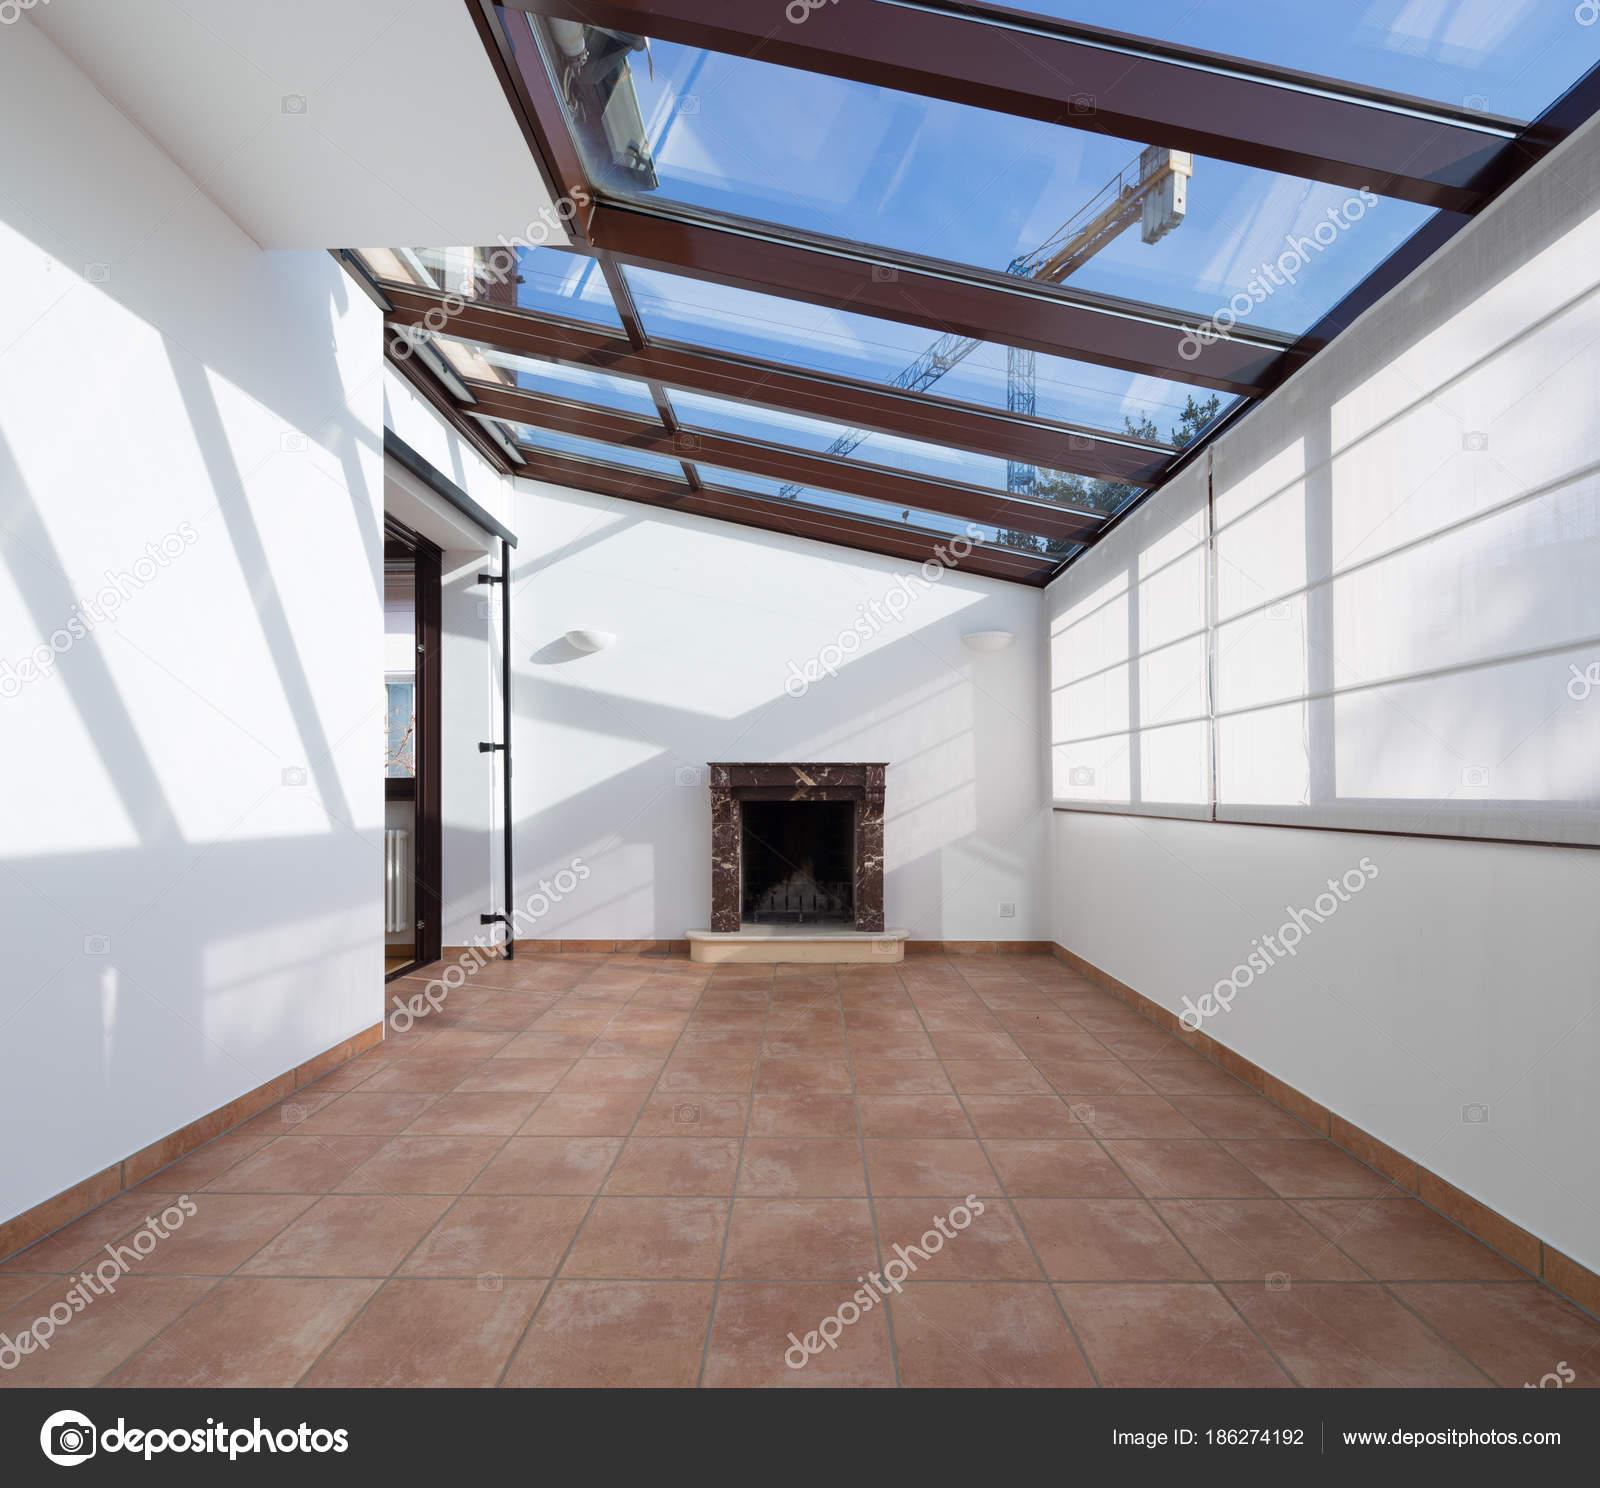 Non arredato camera con grandi finestre sul soffitto e caminetto ...